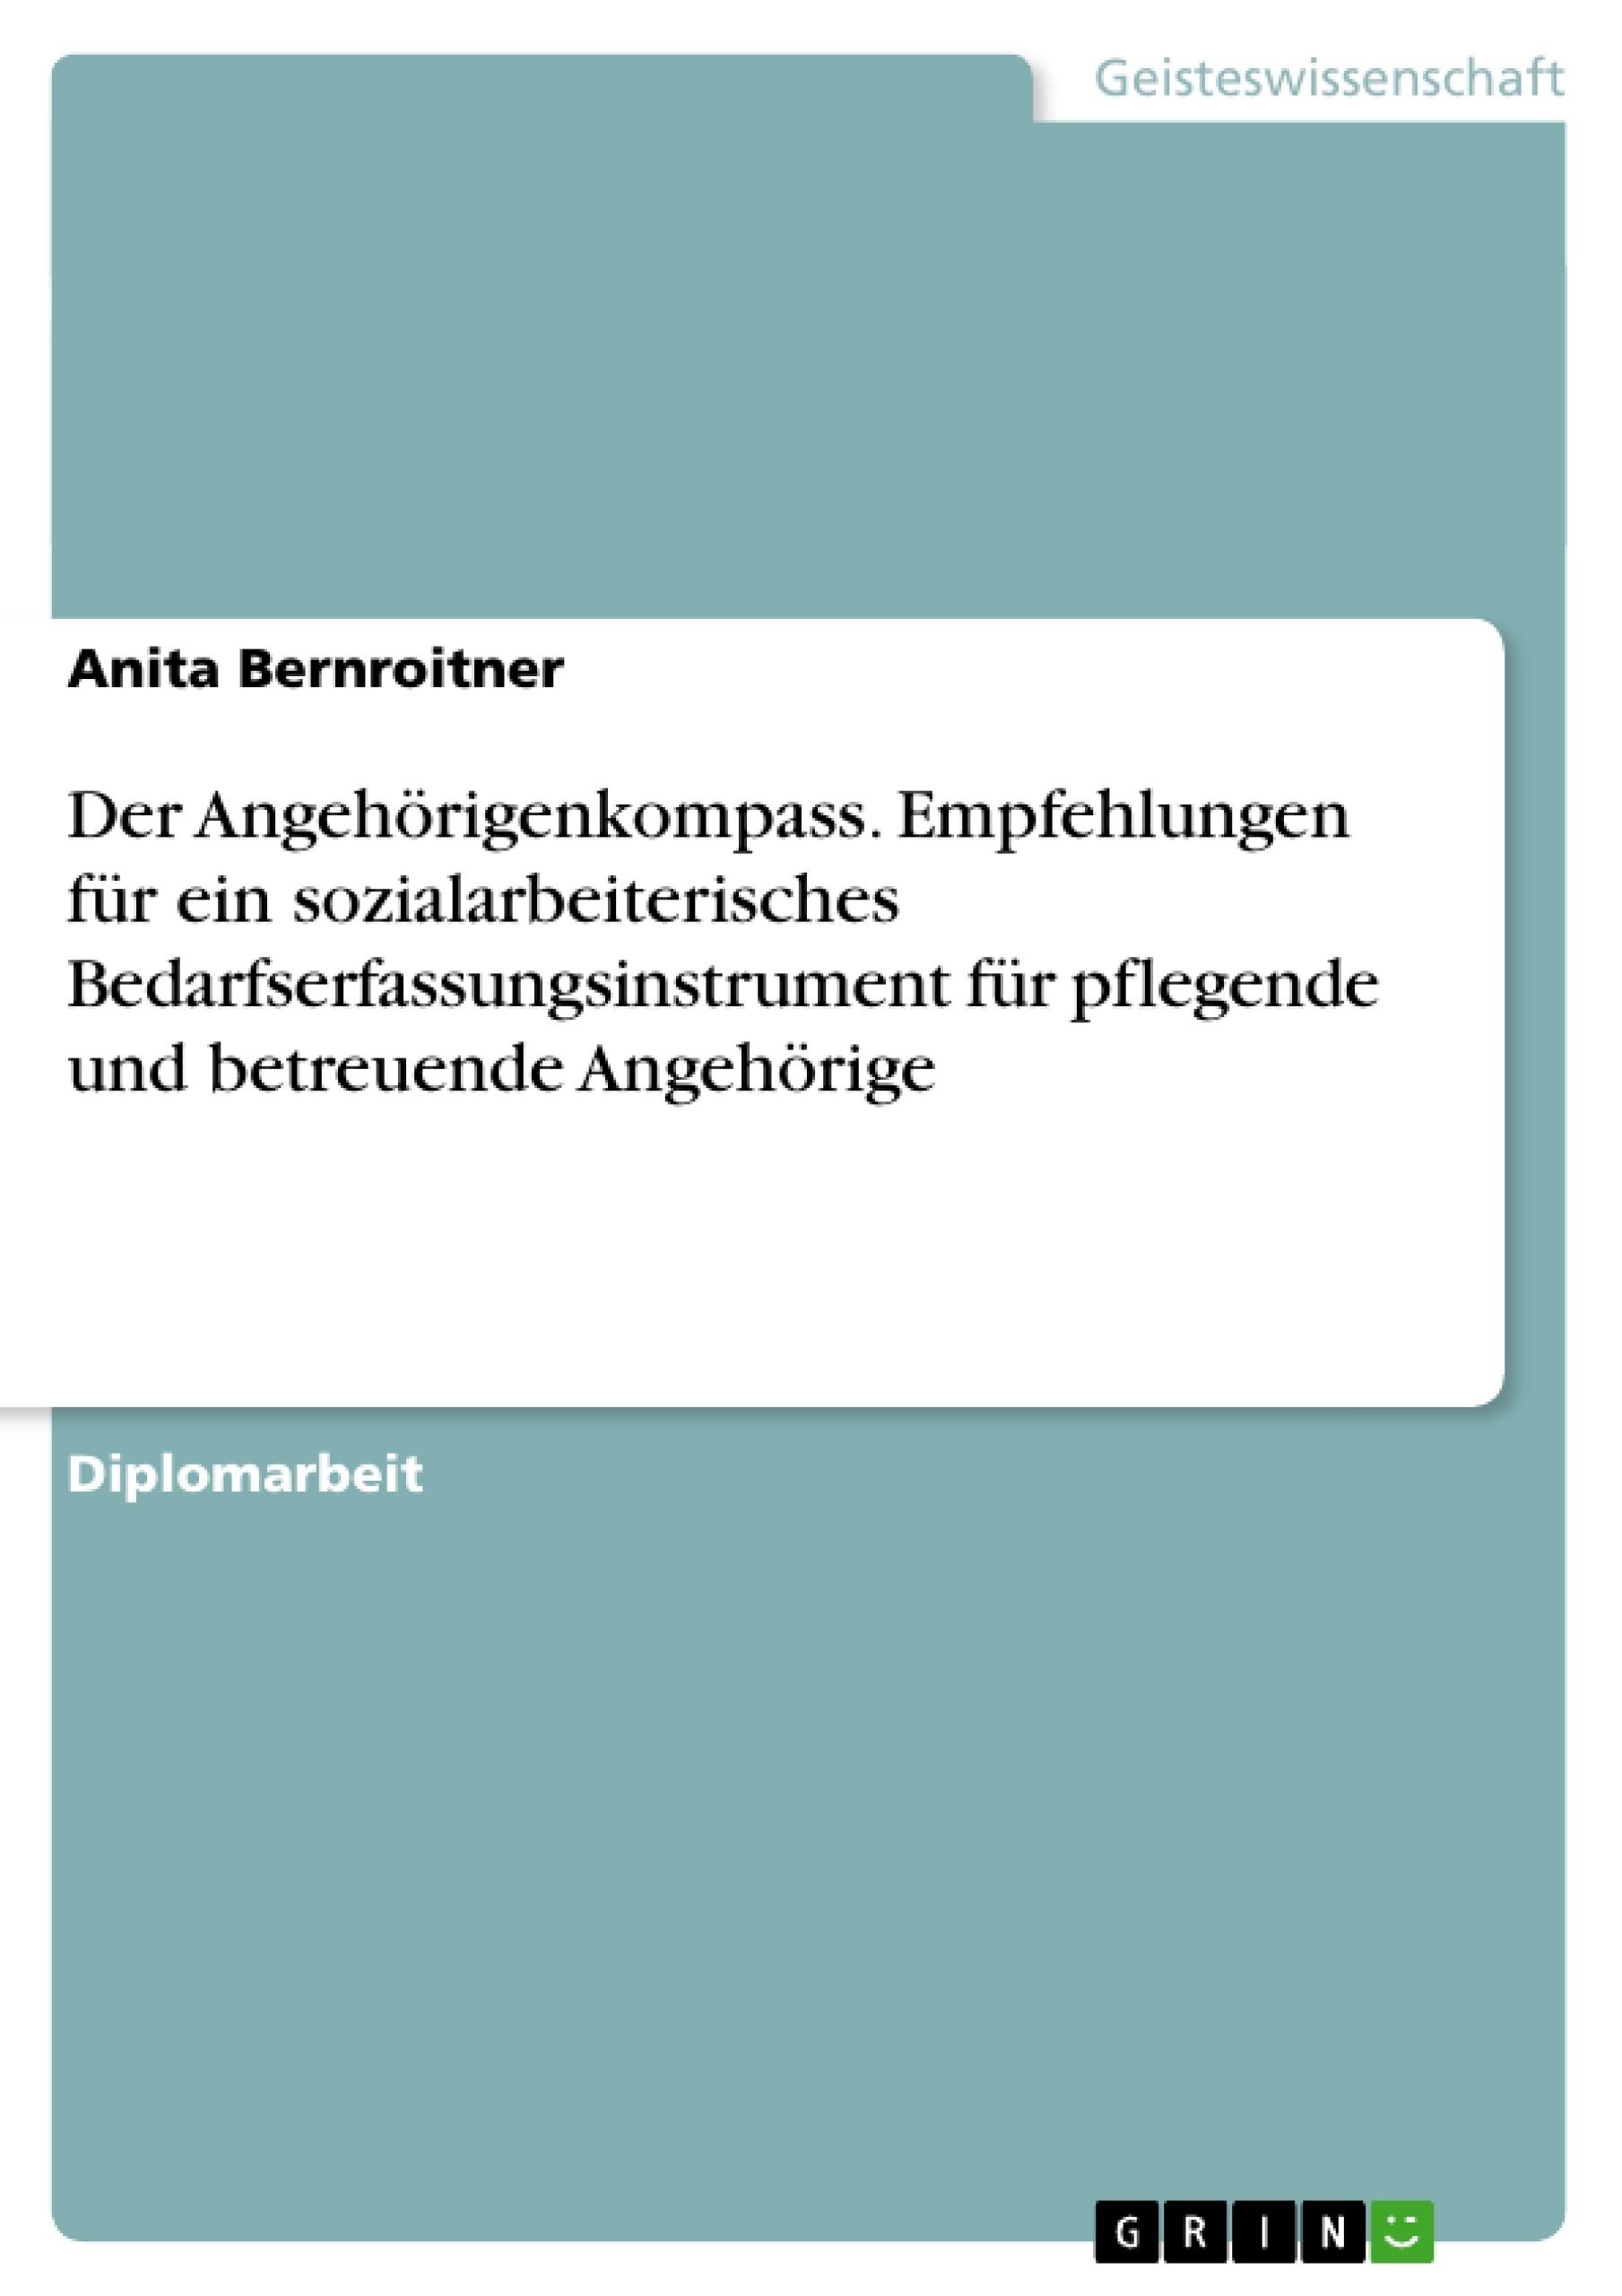 Titel: Der Angehörigenkompass. Empfehlungen für ein sozialarbeiterisches Bedarfserfassungsinstrument für pflegende und betreuende Angehörige